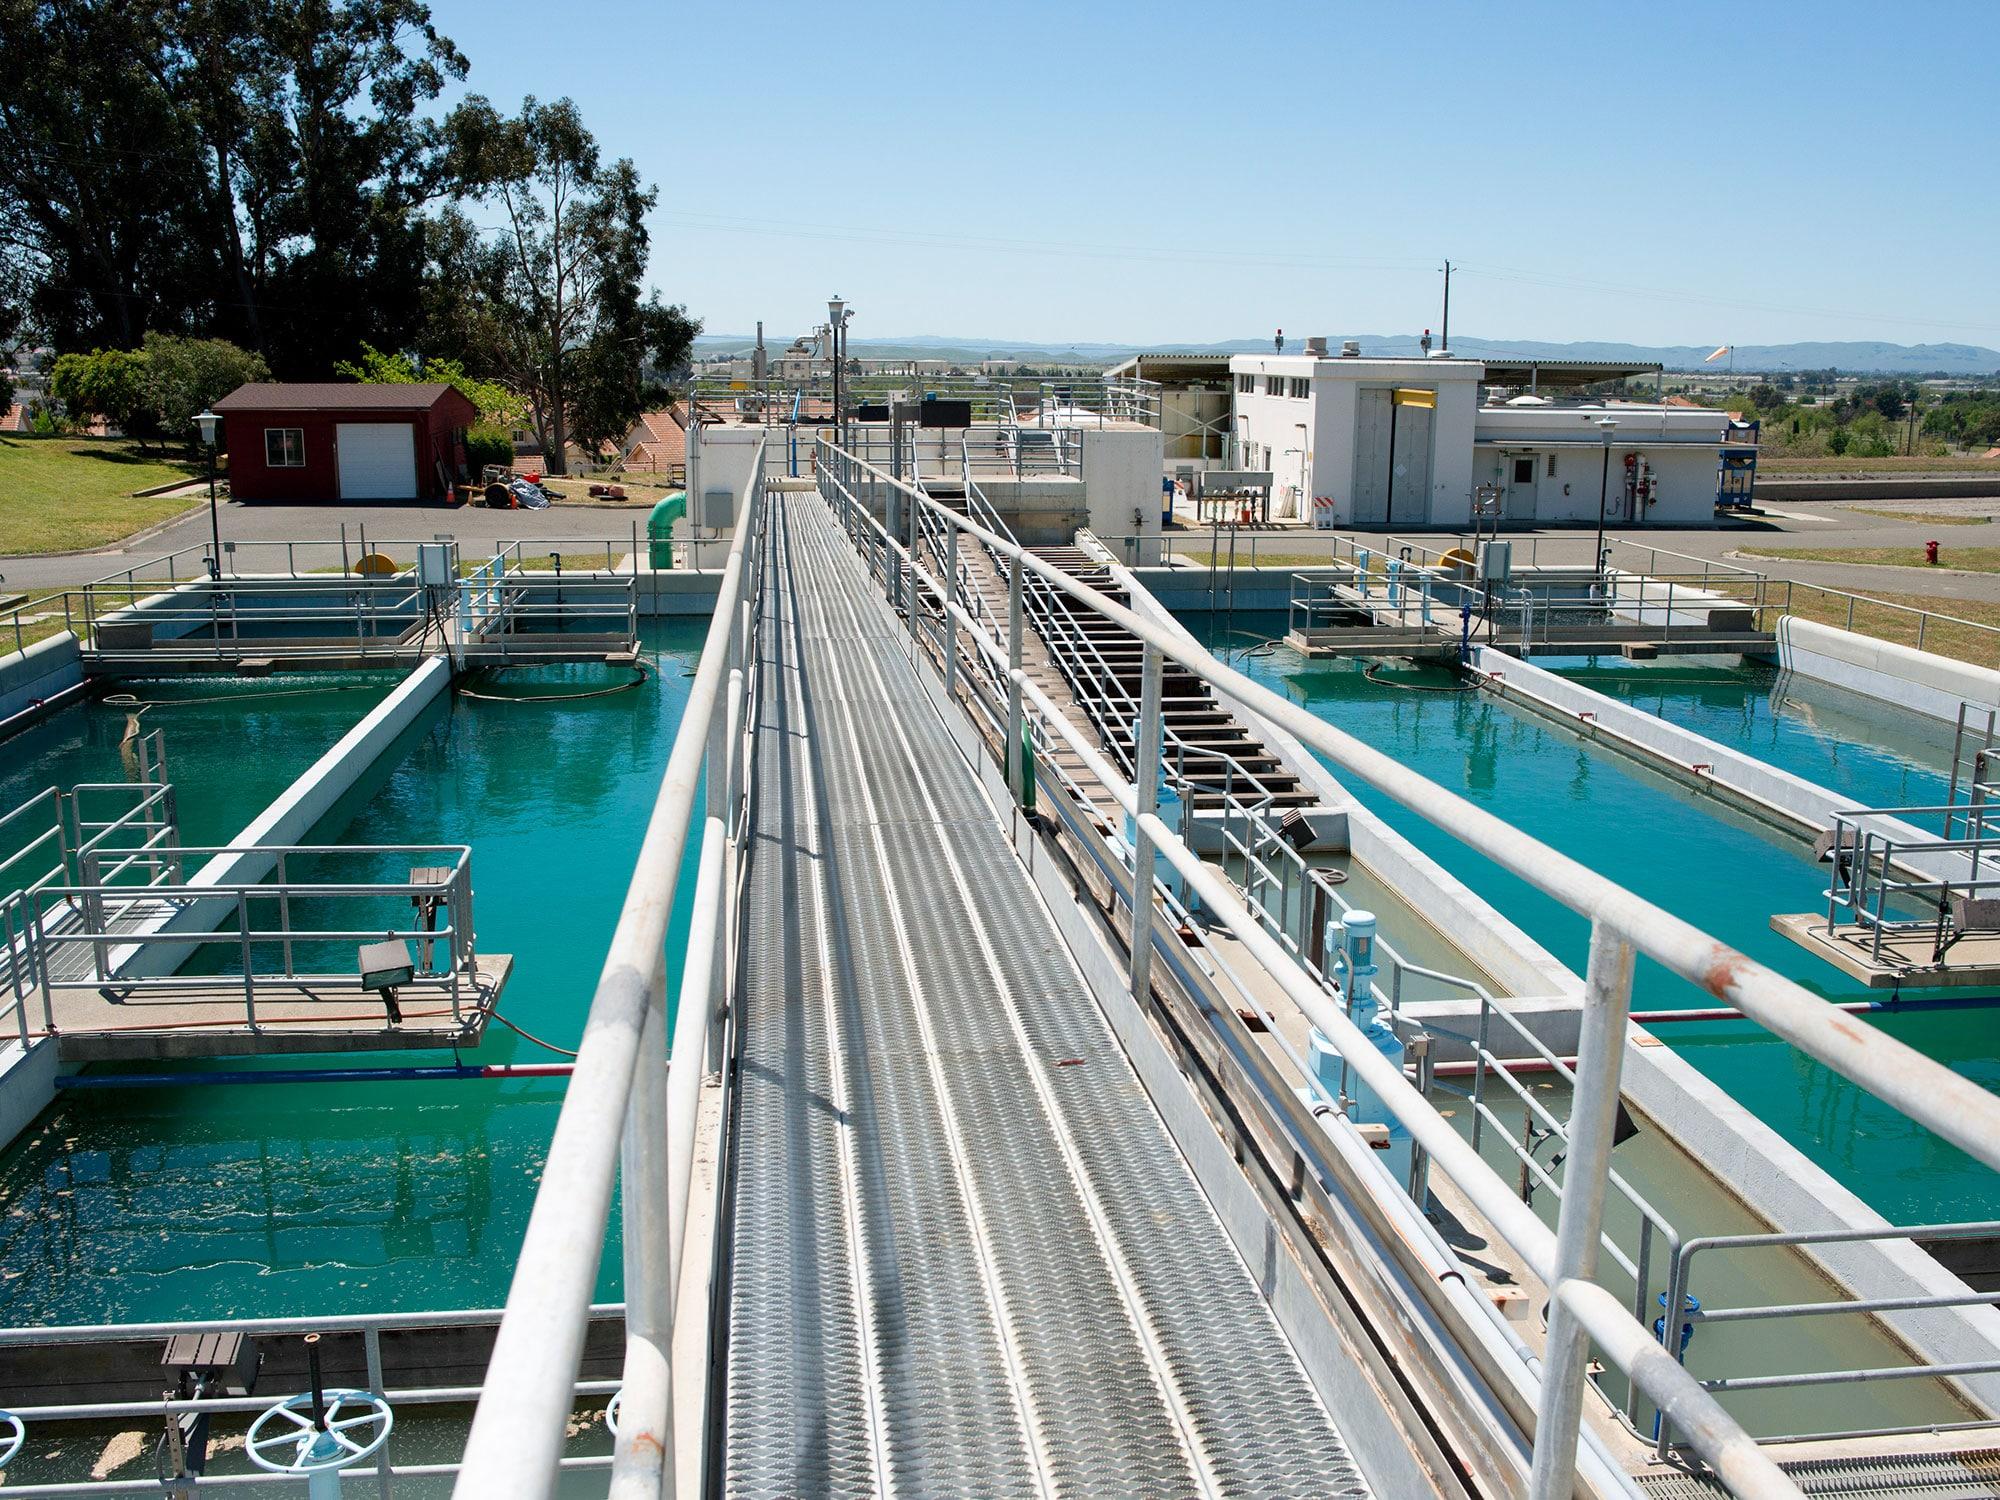 impianto per il trattamento acque reflue